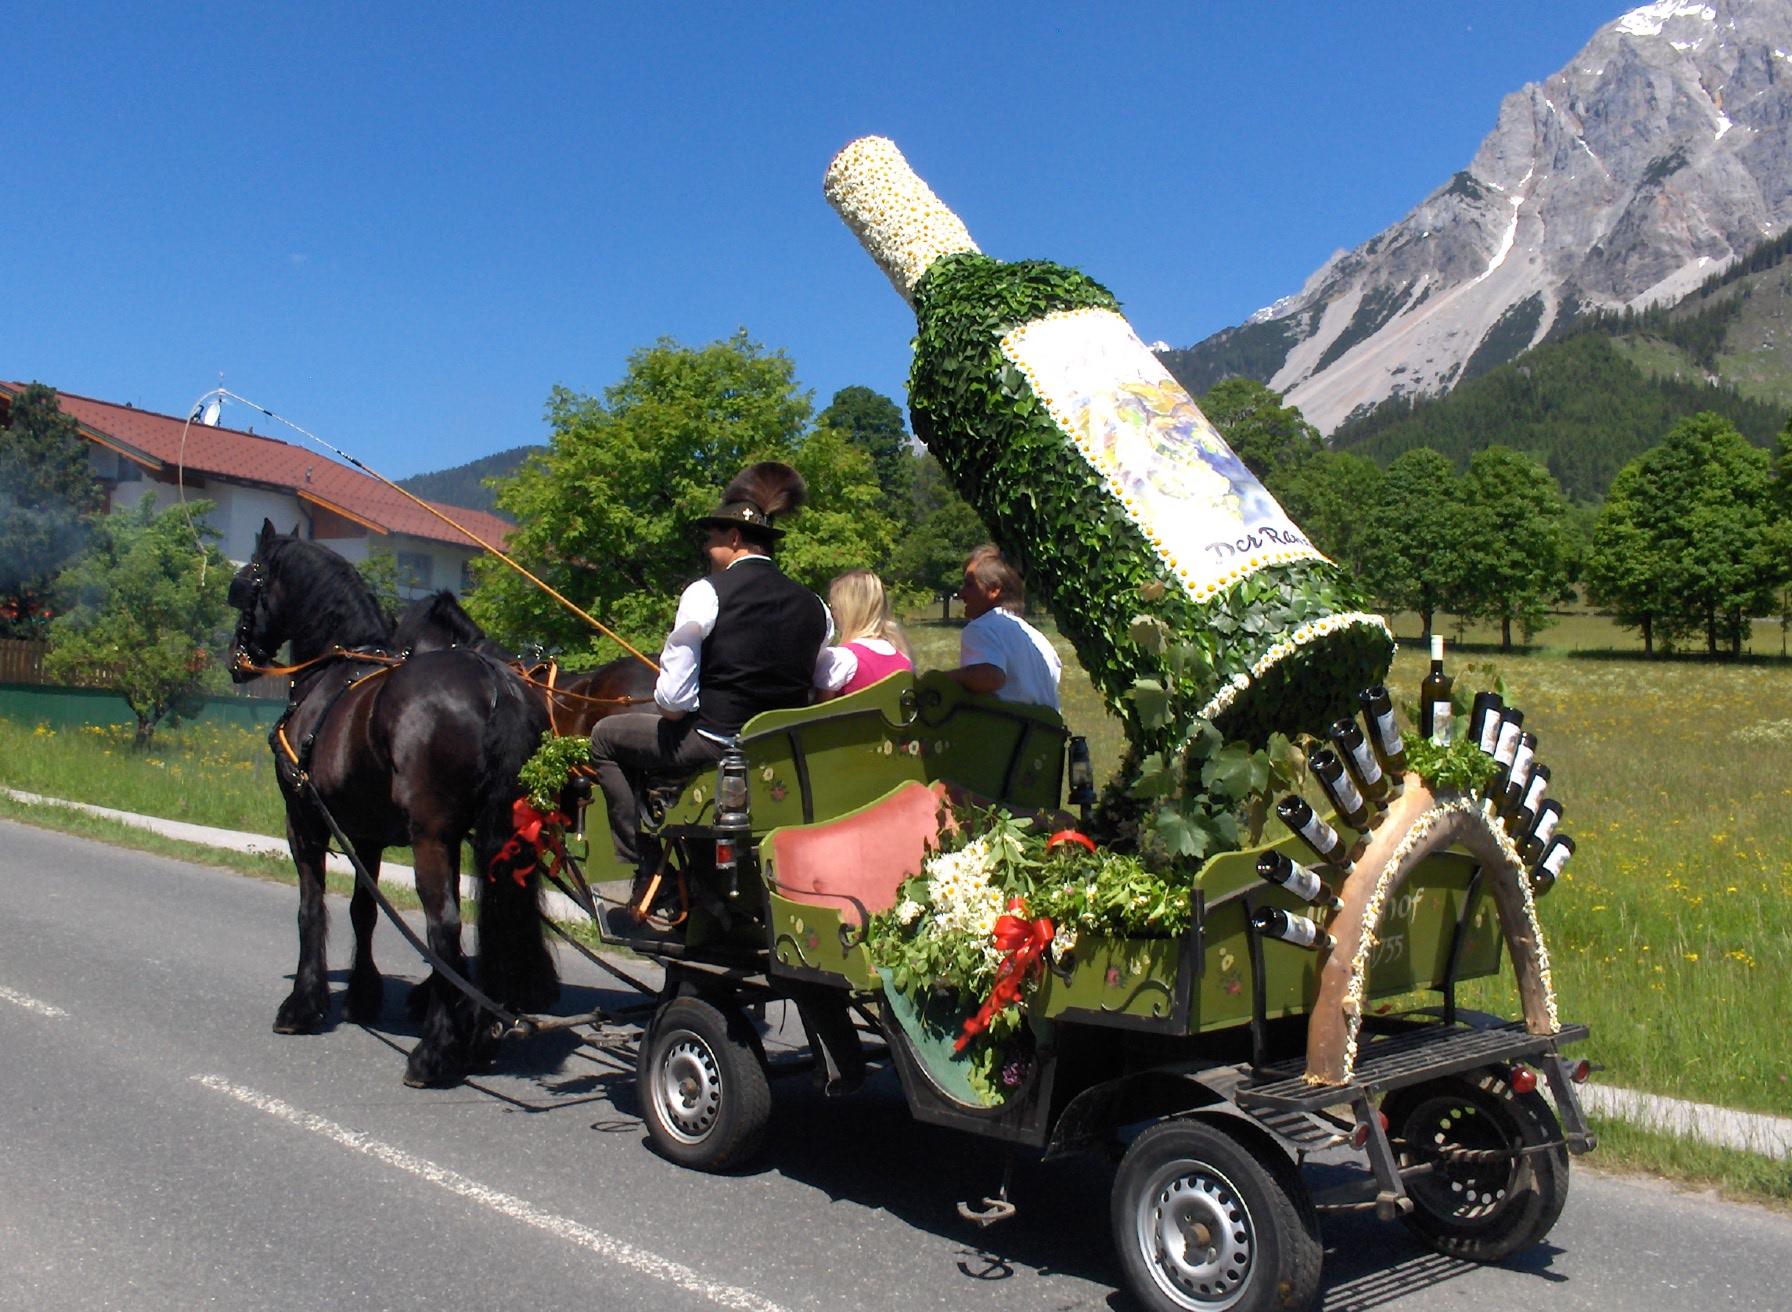 Fruhlingsfest - Jährliches traditionelles Fest im Juni